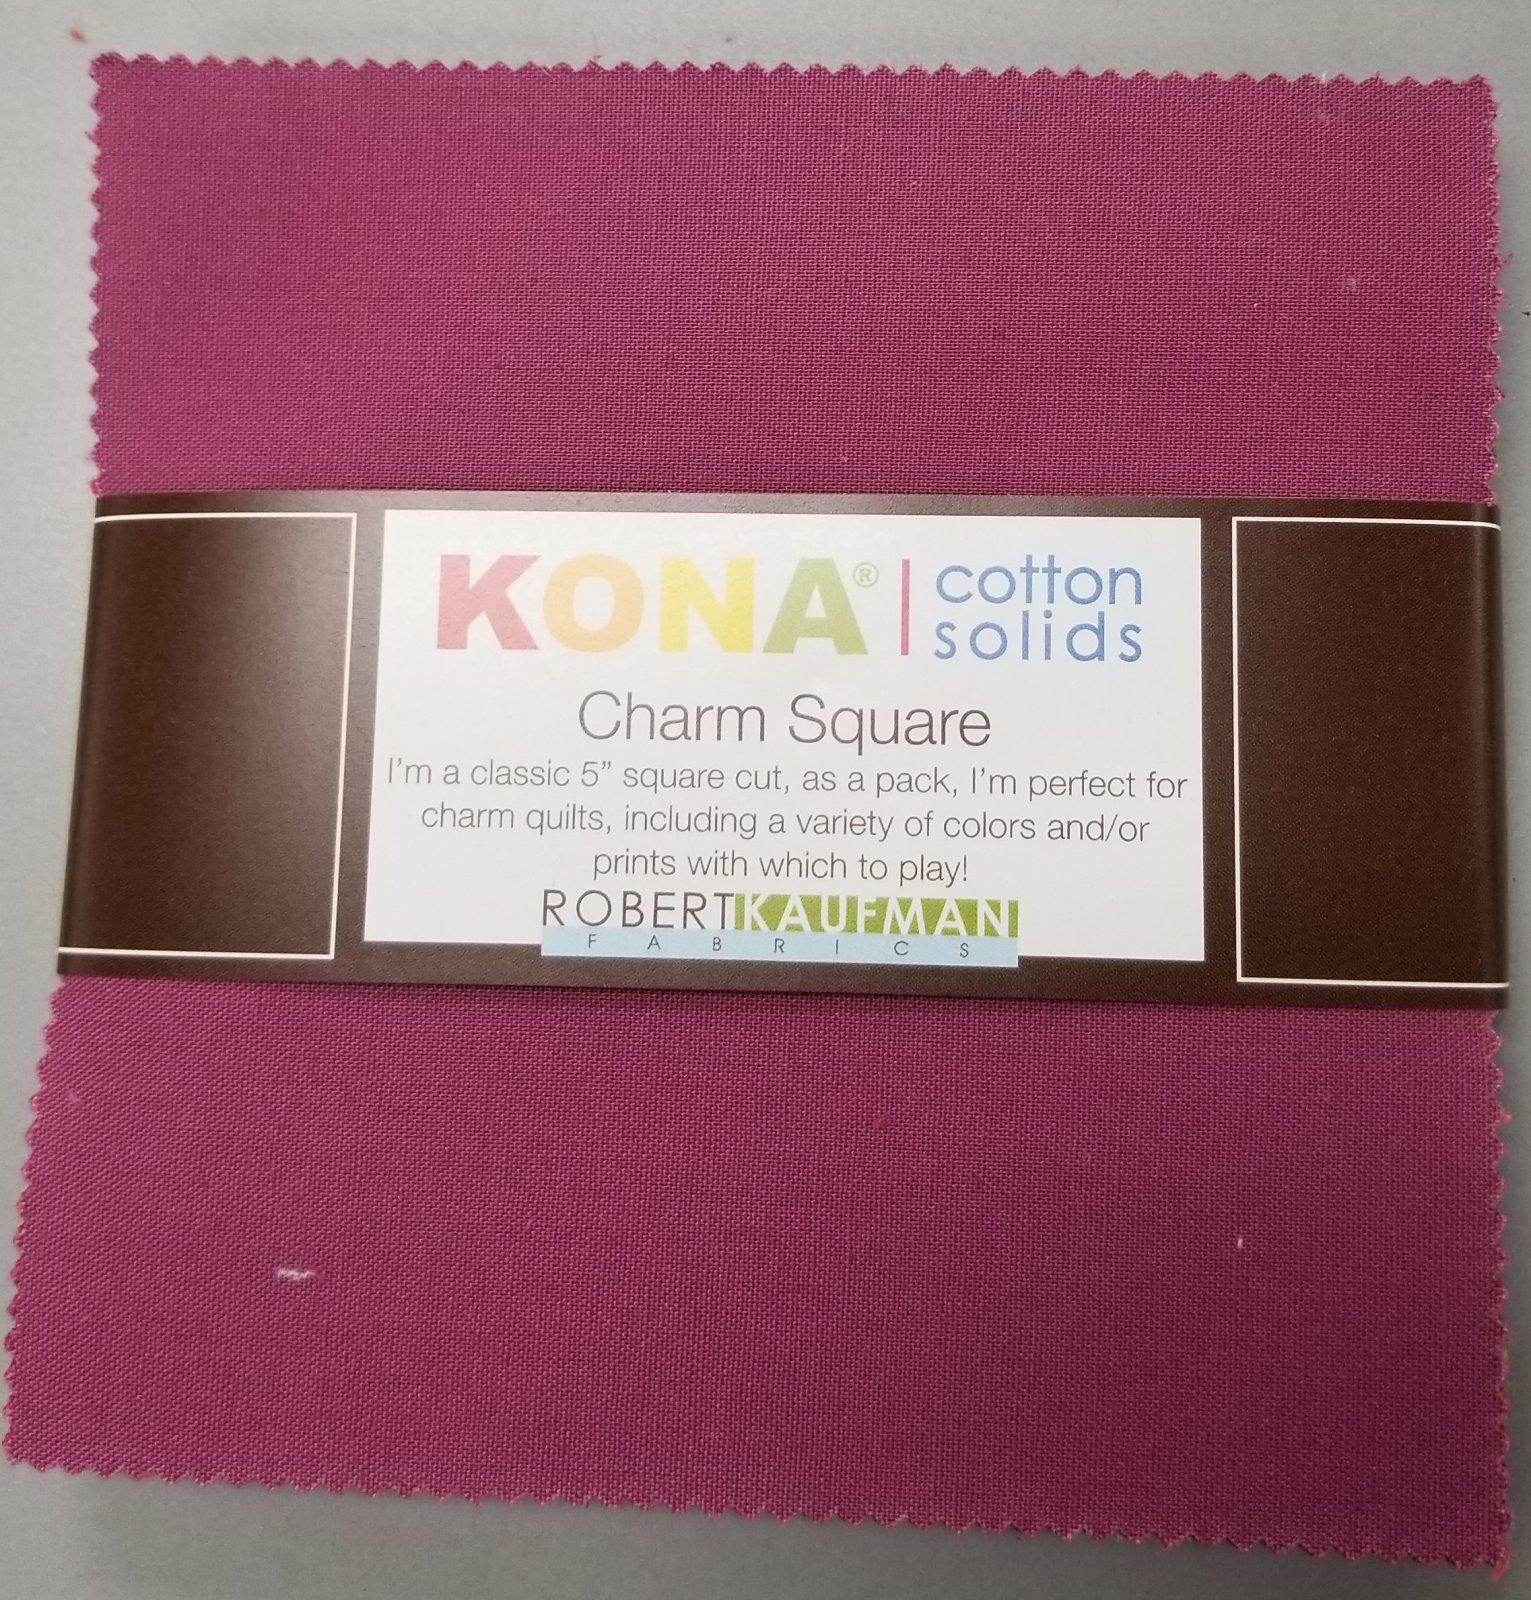 Kona Solid Charm Squares - Berry Season